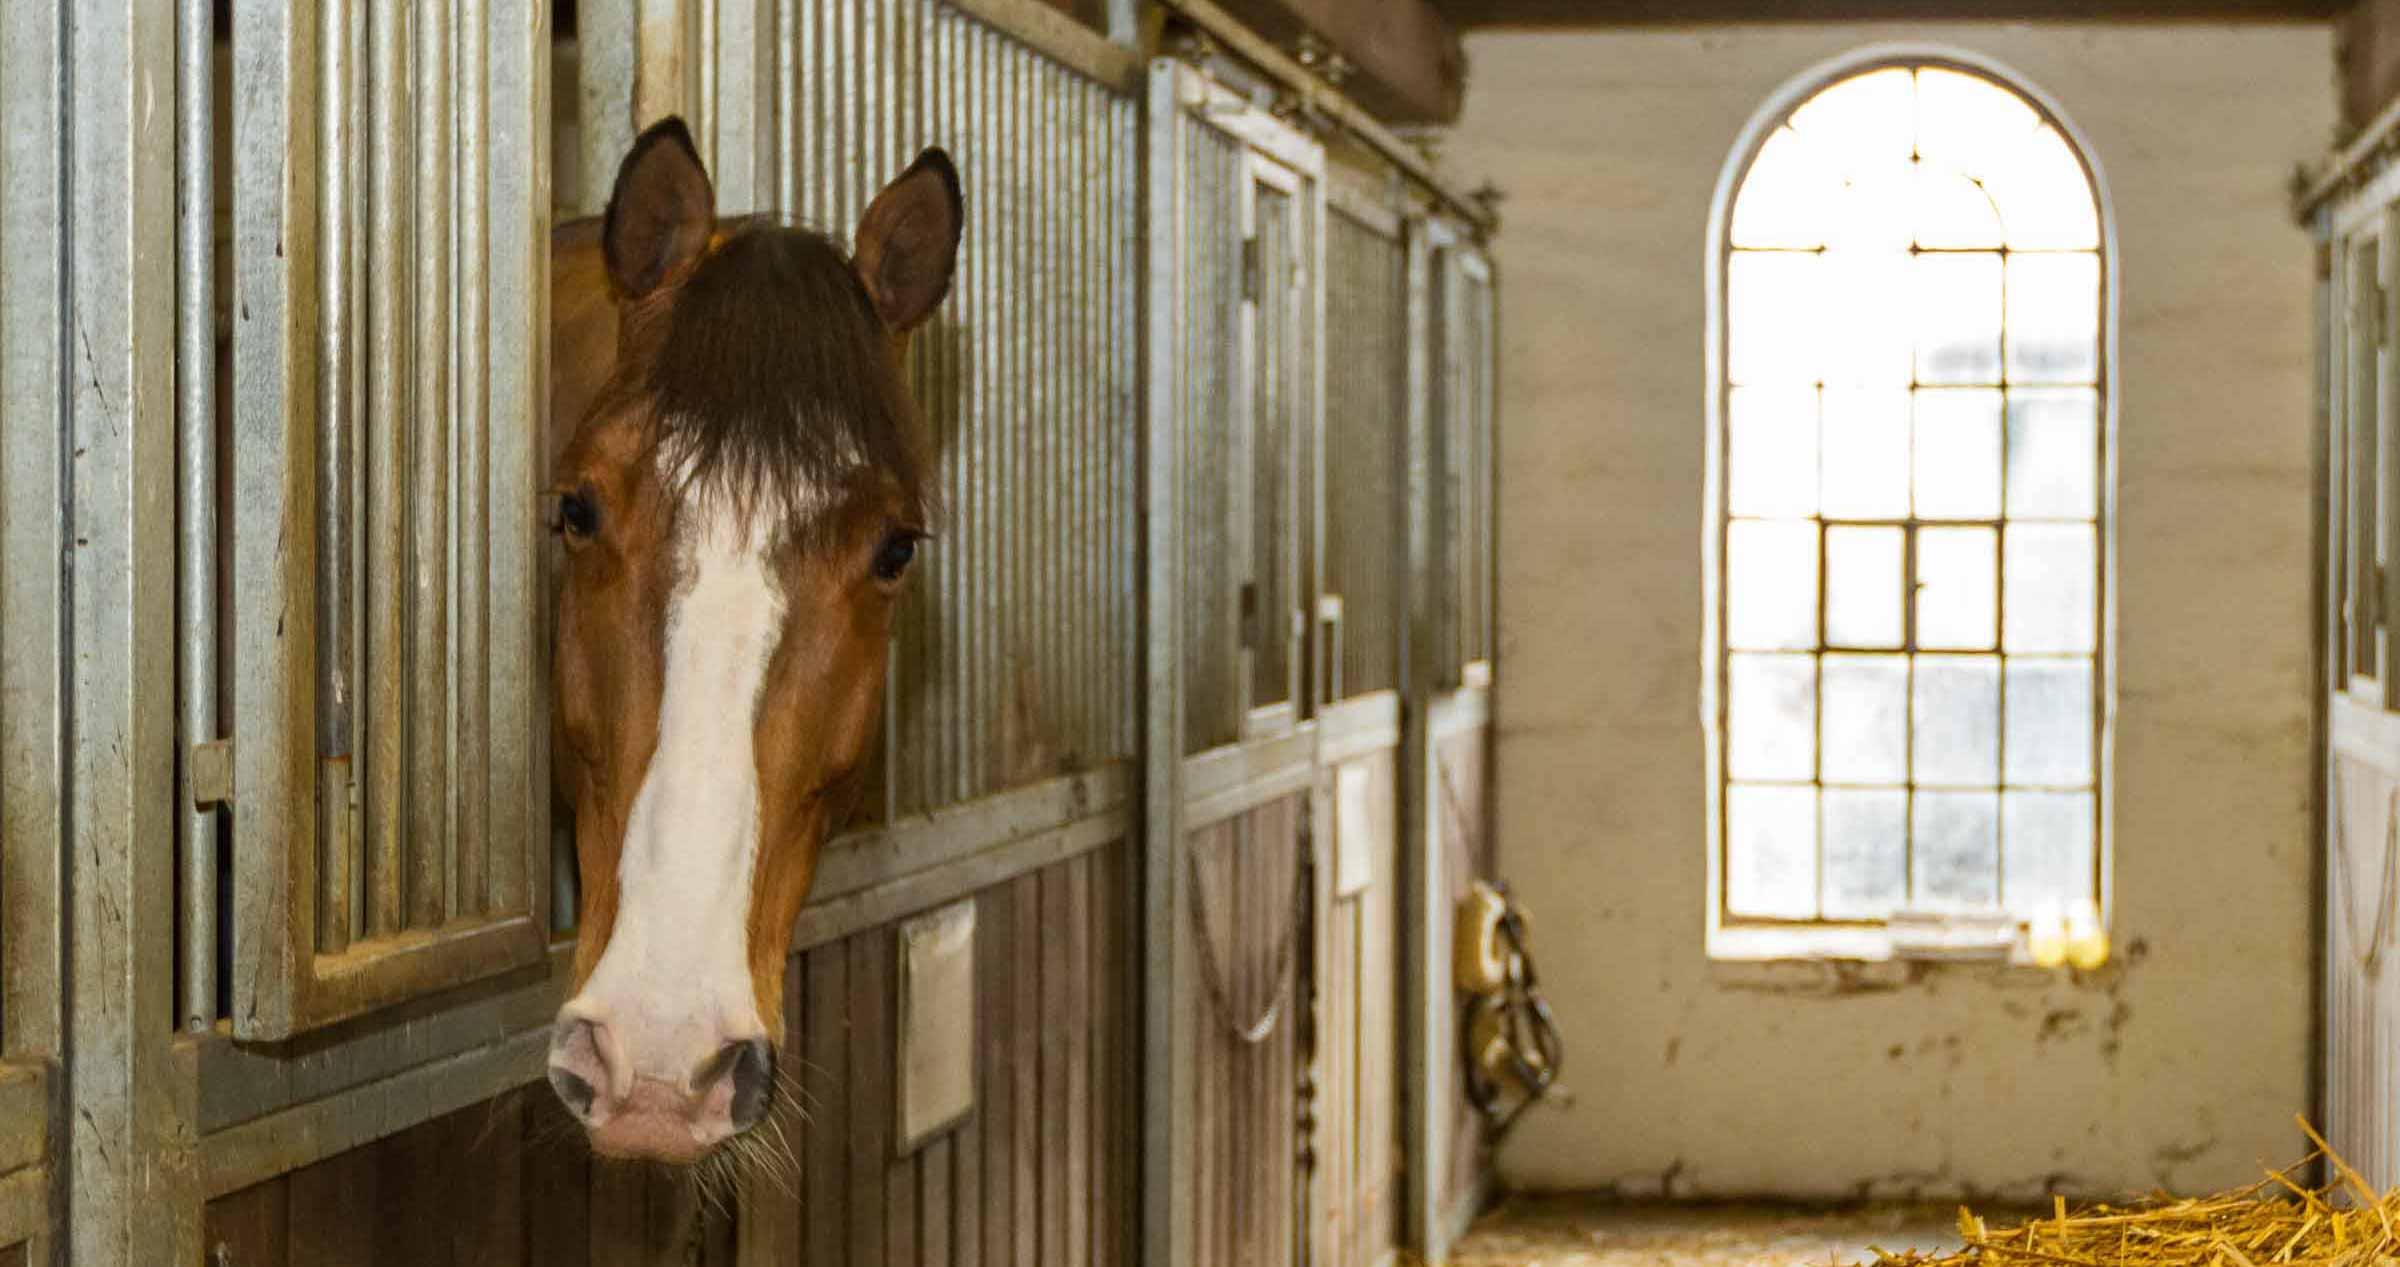 Pferdeseuche Rotz löst keine Panik aus. Trotzdem sind die Pferdehalter achtsam. Veranstaltungen wurden abgesagt